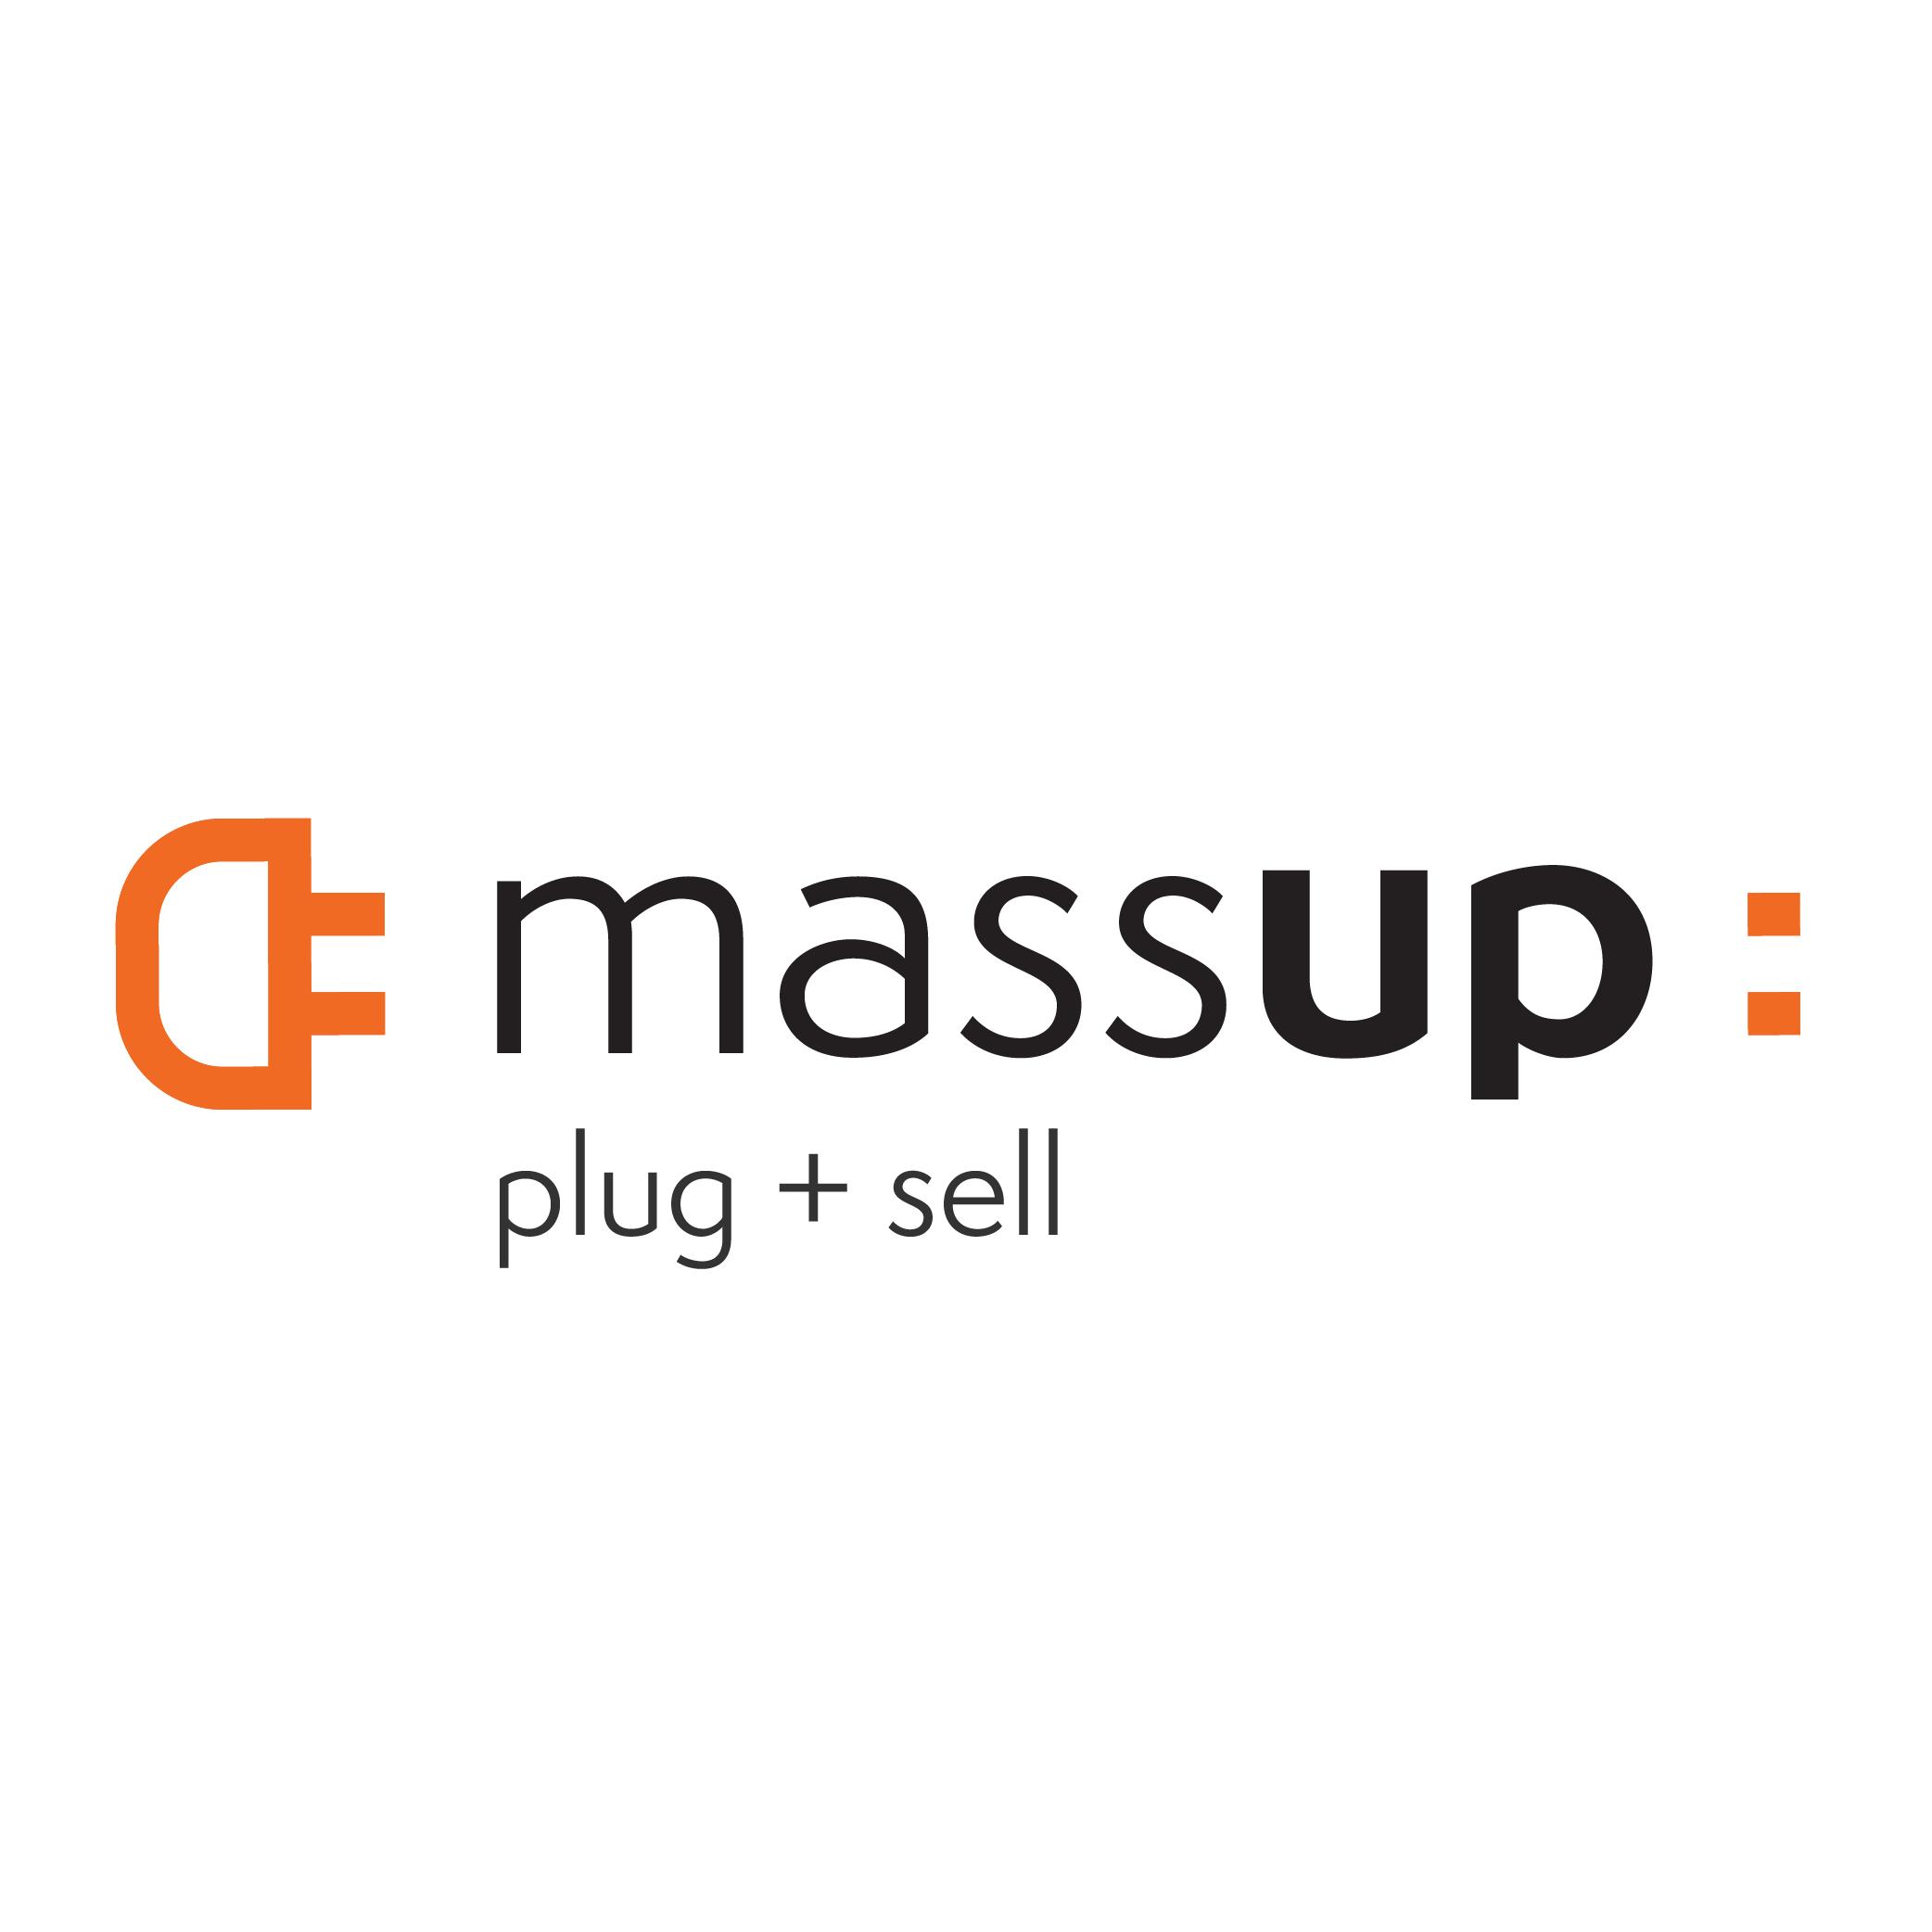 massUp